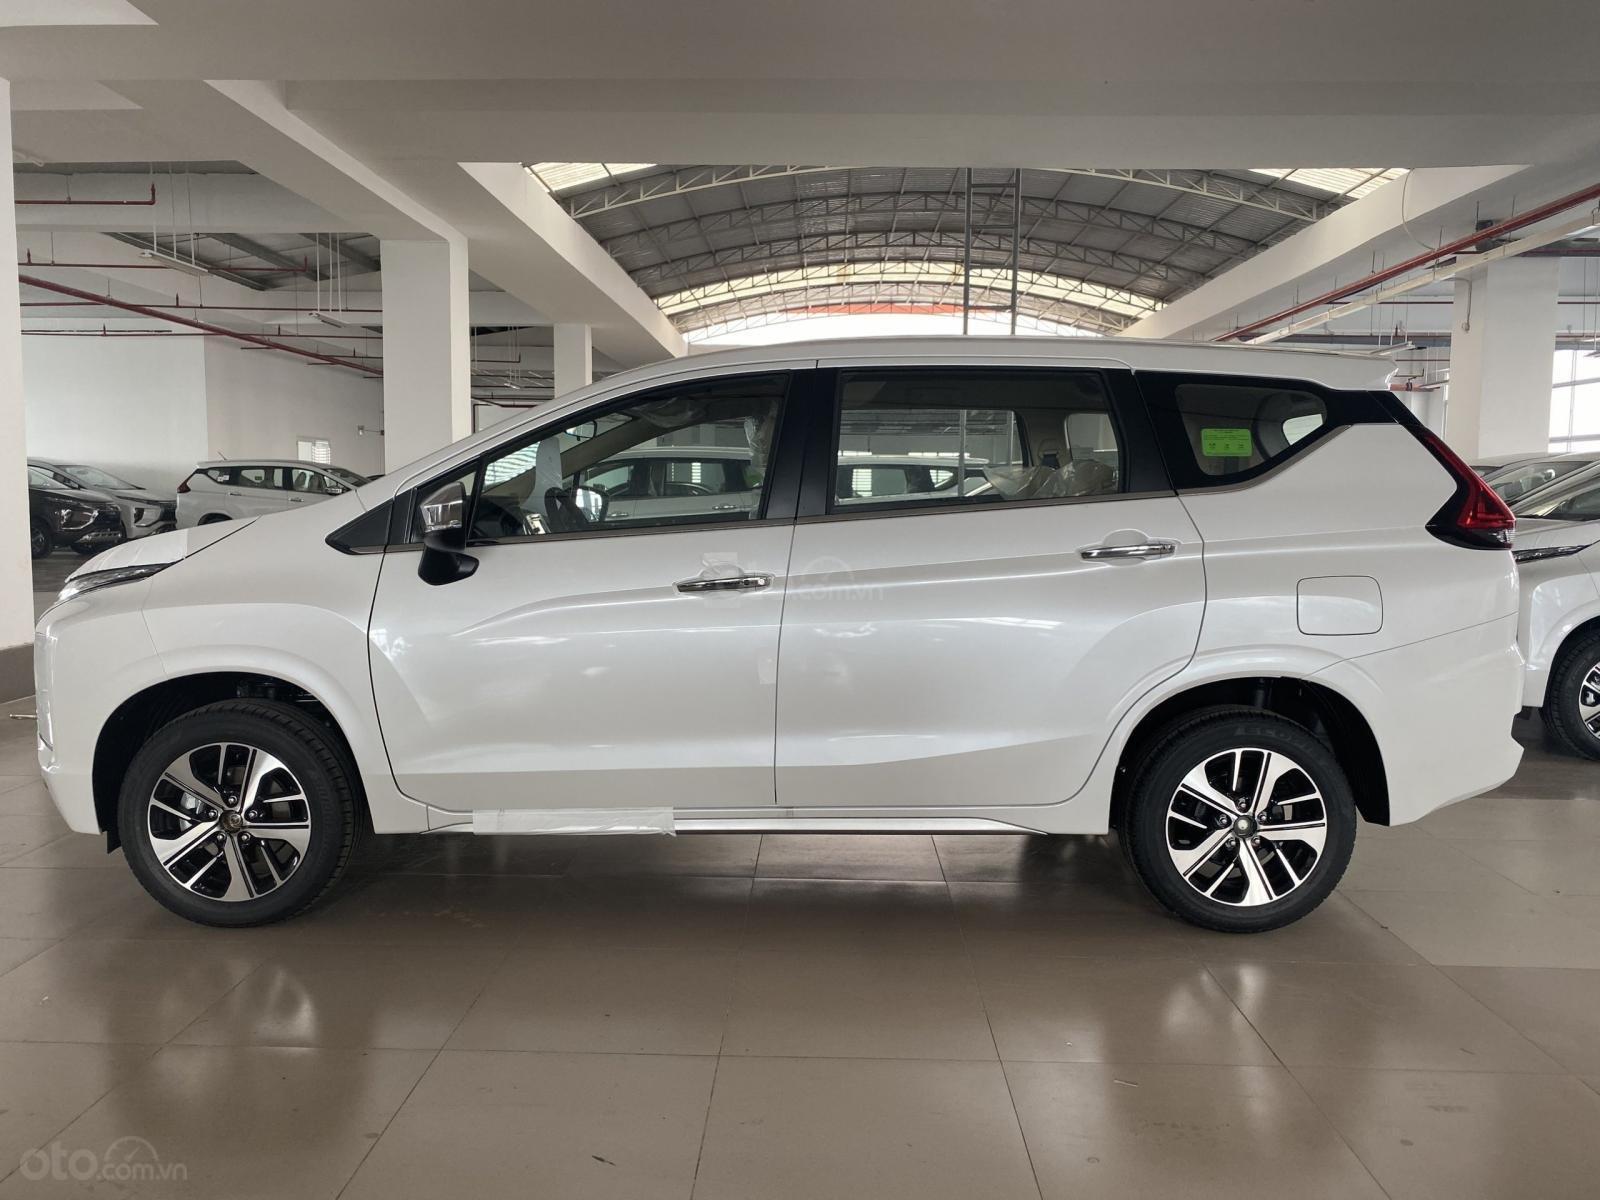 Bán Mitsubishi Xpander AT đời 2019, màu trắng, xe nhập, giá 620tr (5)